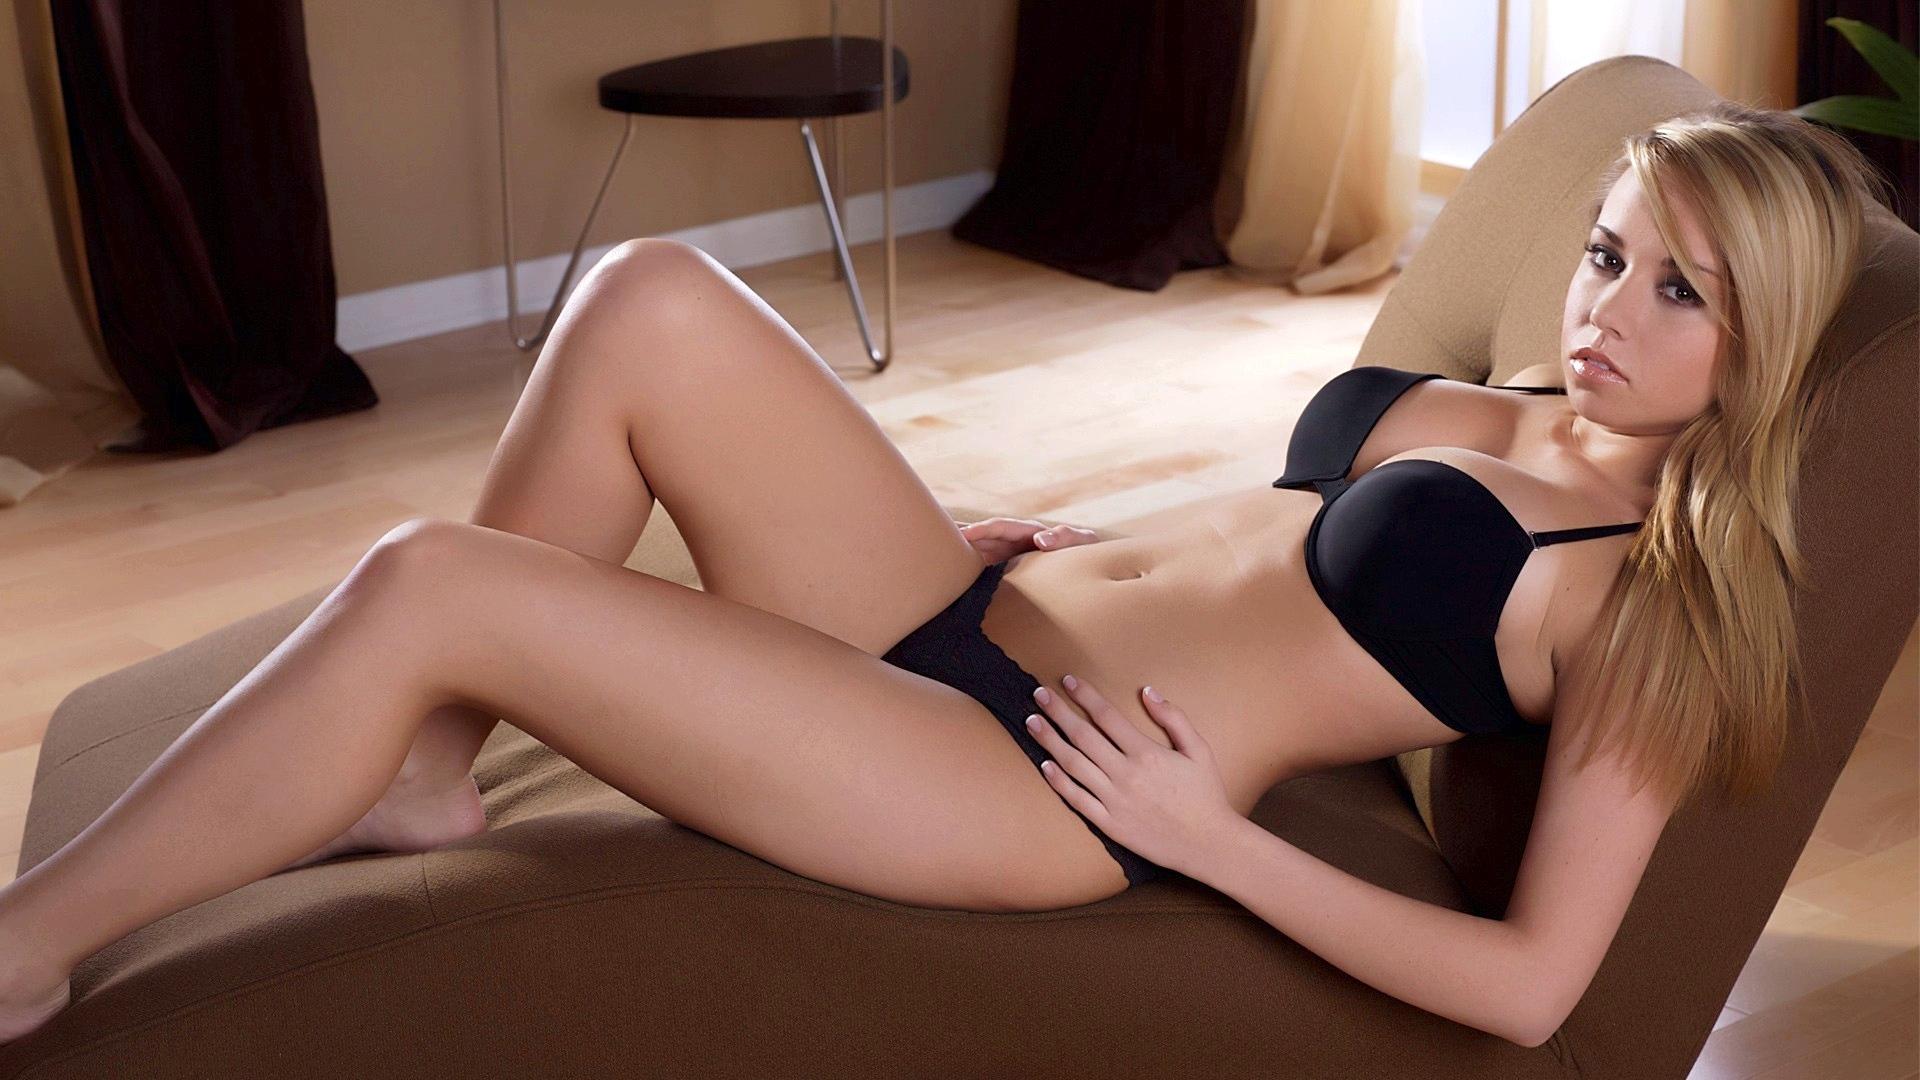 Wallpaper Sex, Model, Sexy, Ass Desktop Wallpaper